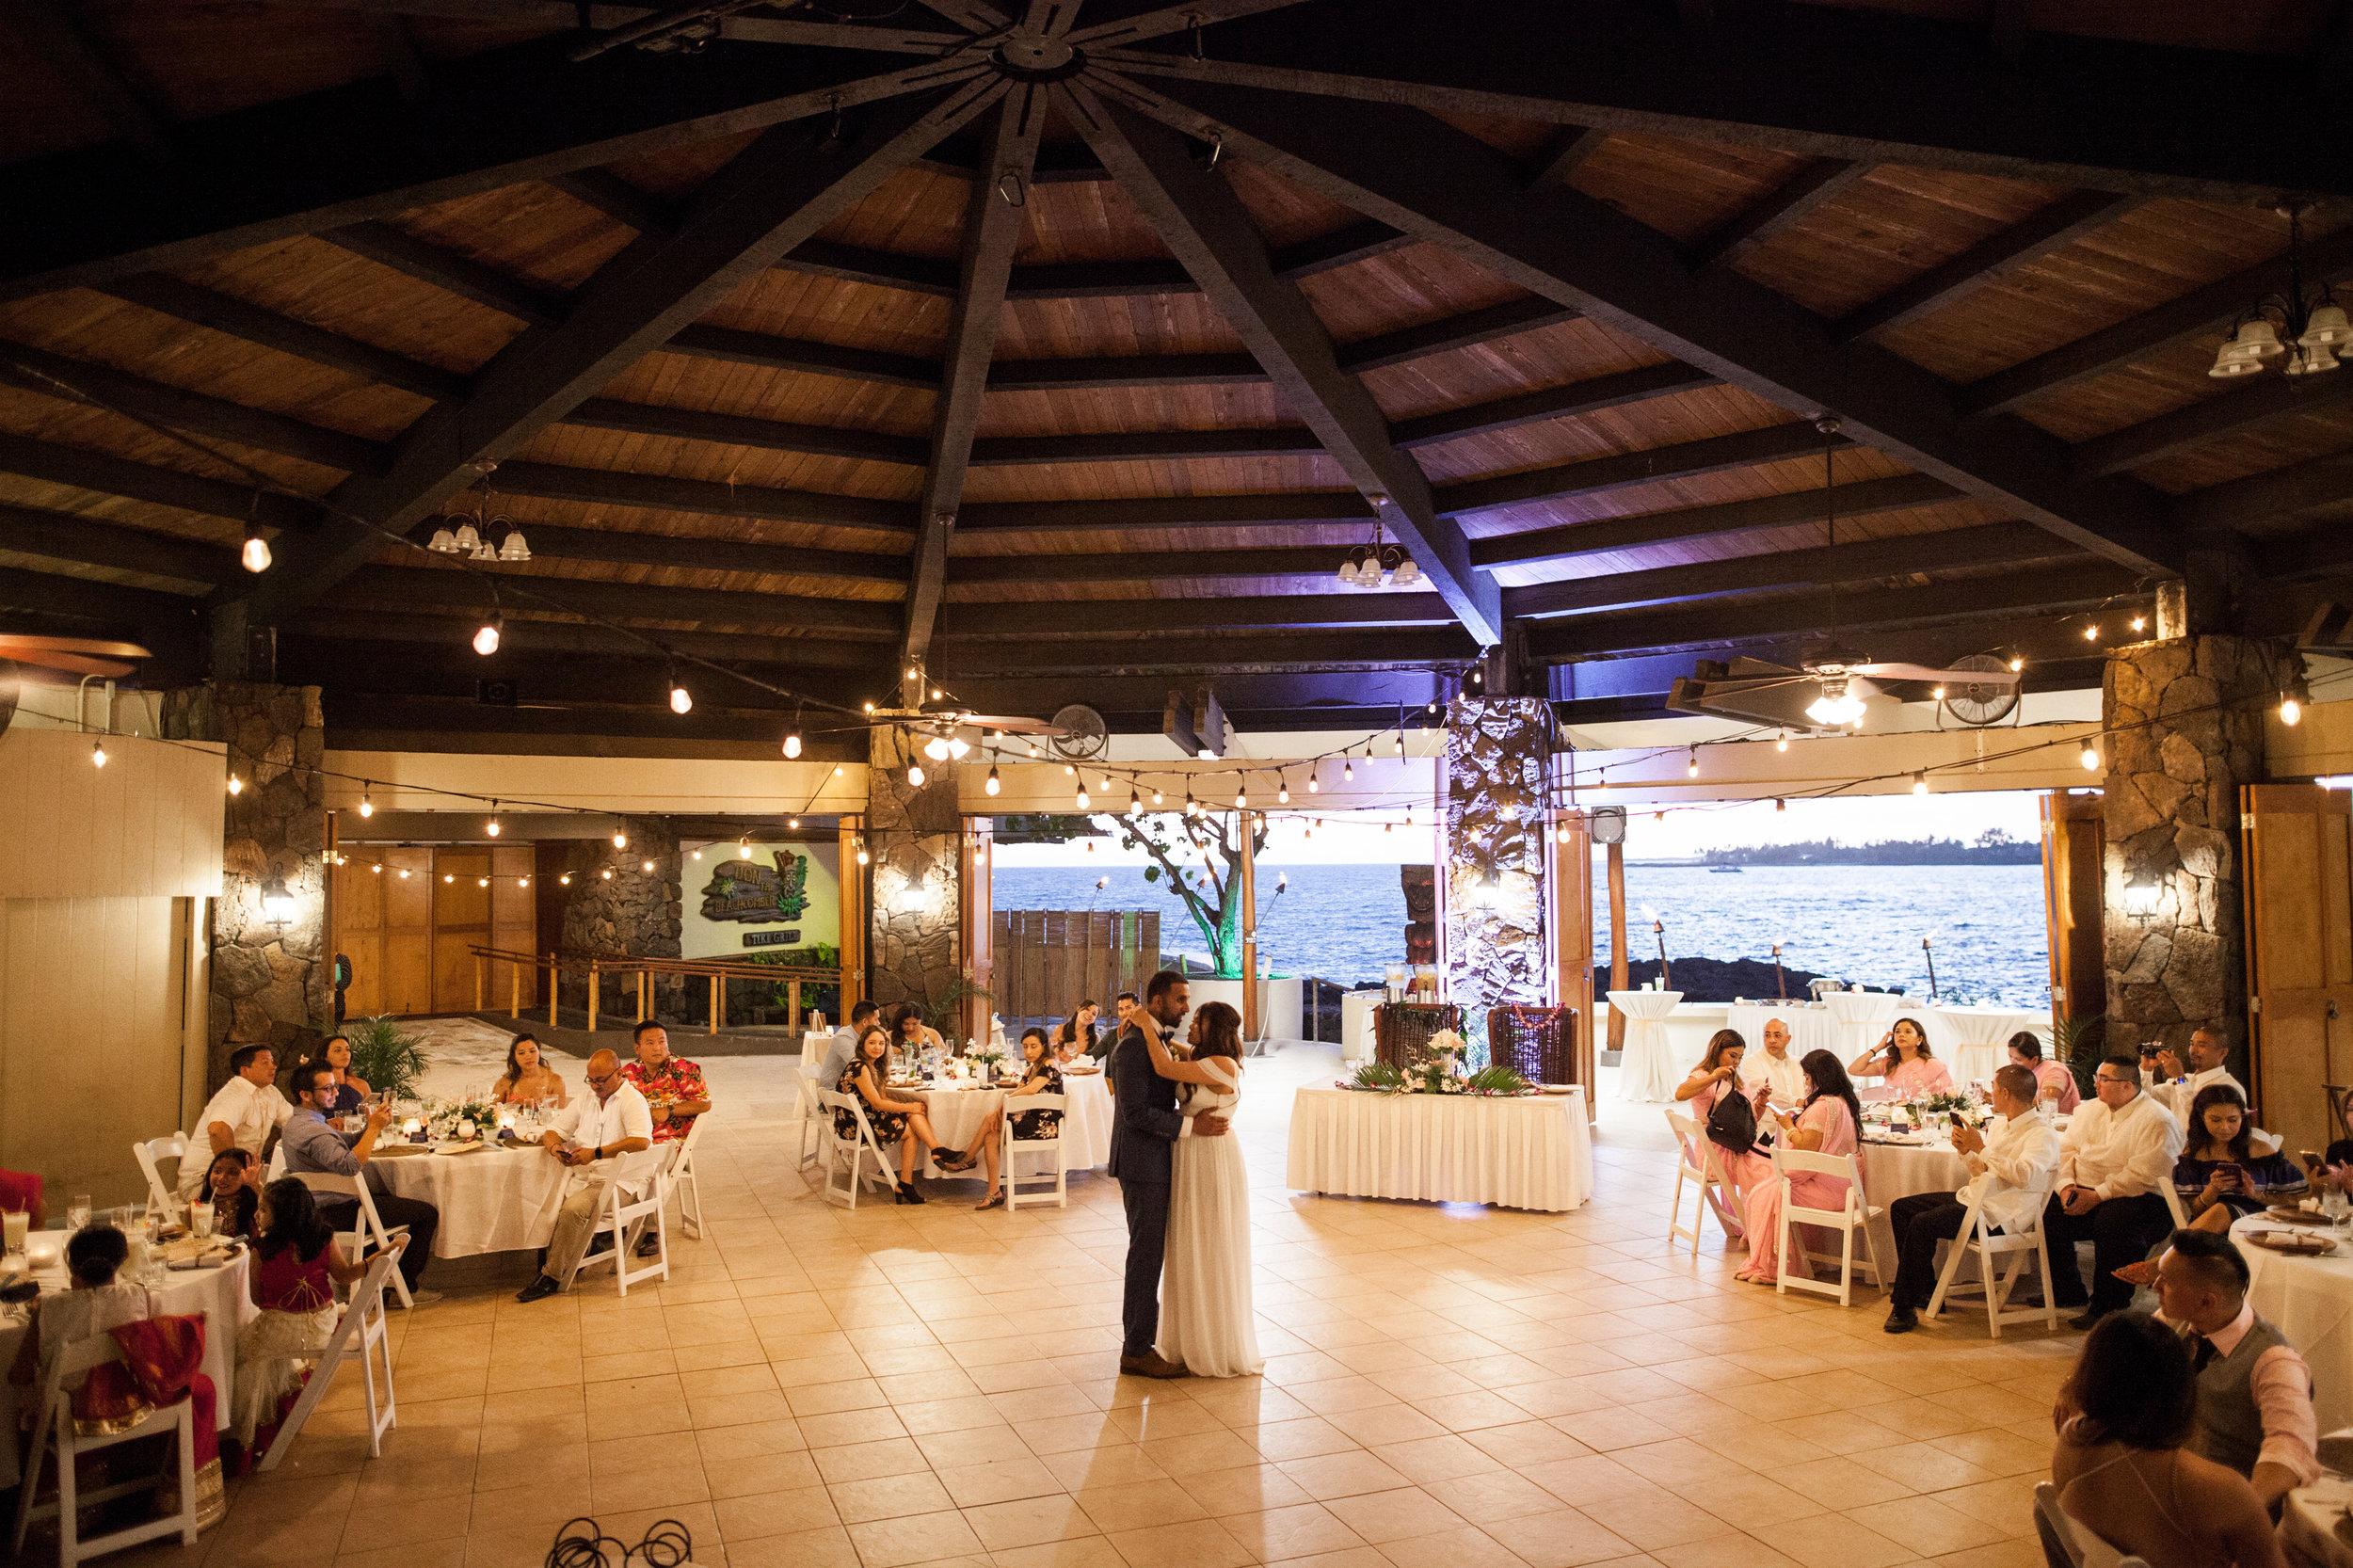 big island hawaii royal kona resort beach wedding © kelilina photography 20170615191933-20mb.jpg